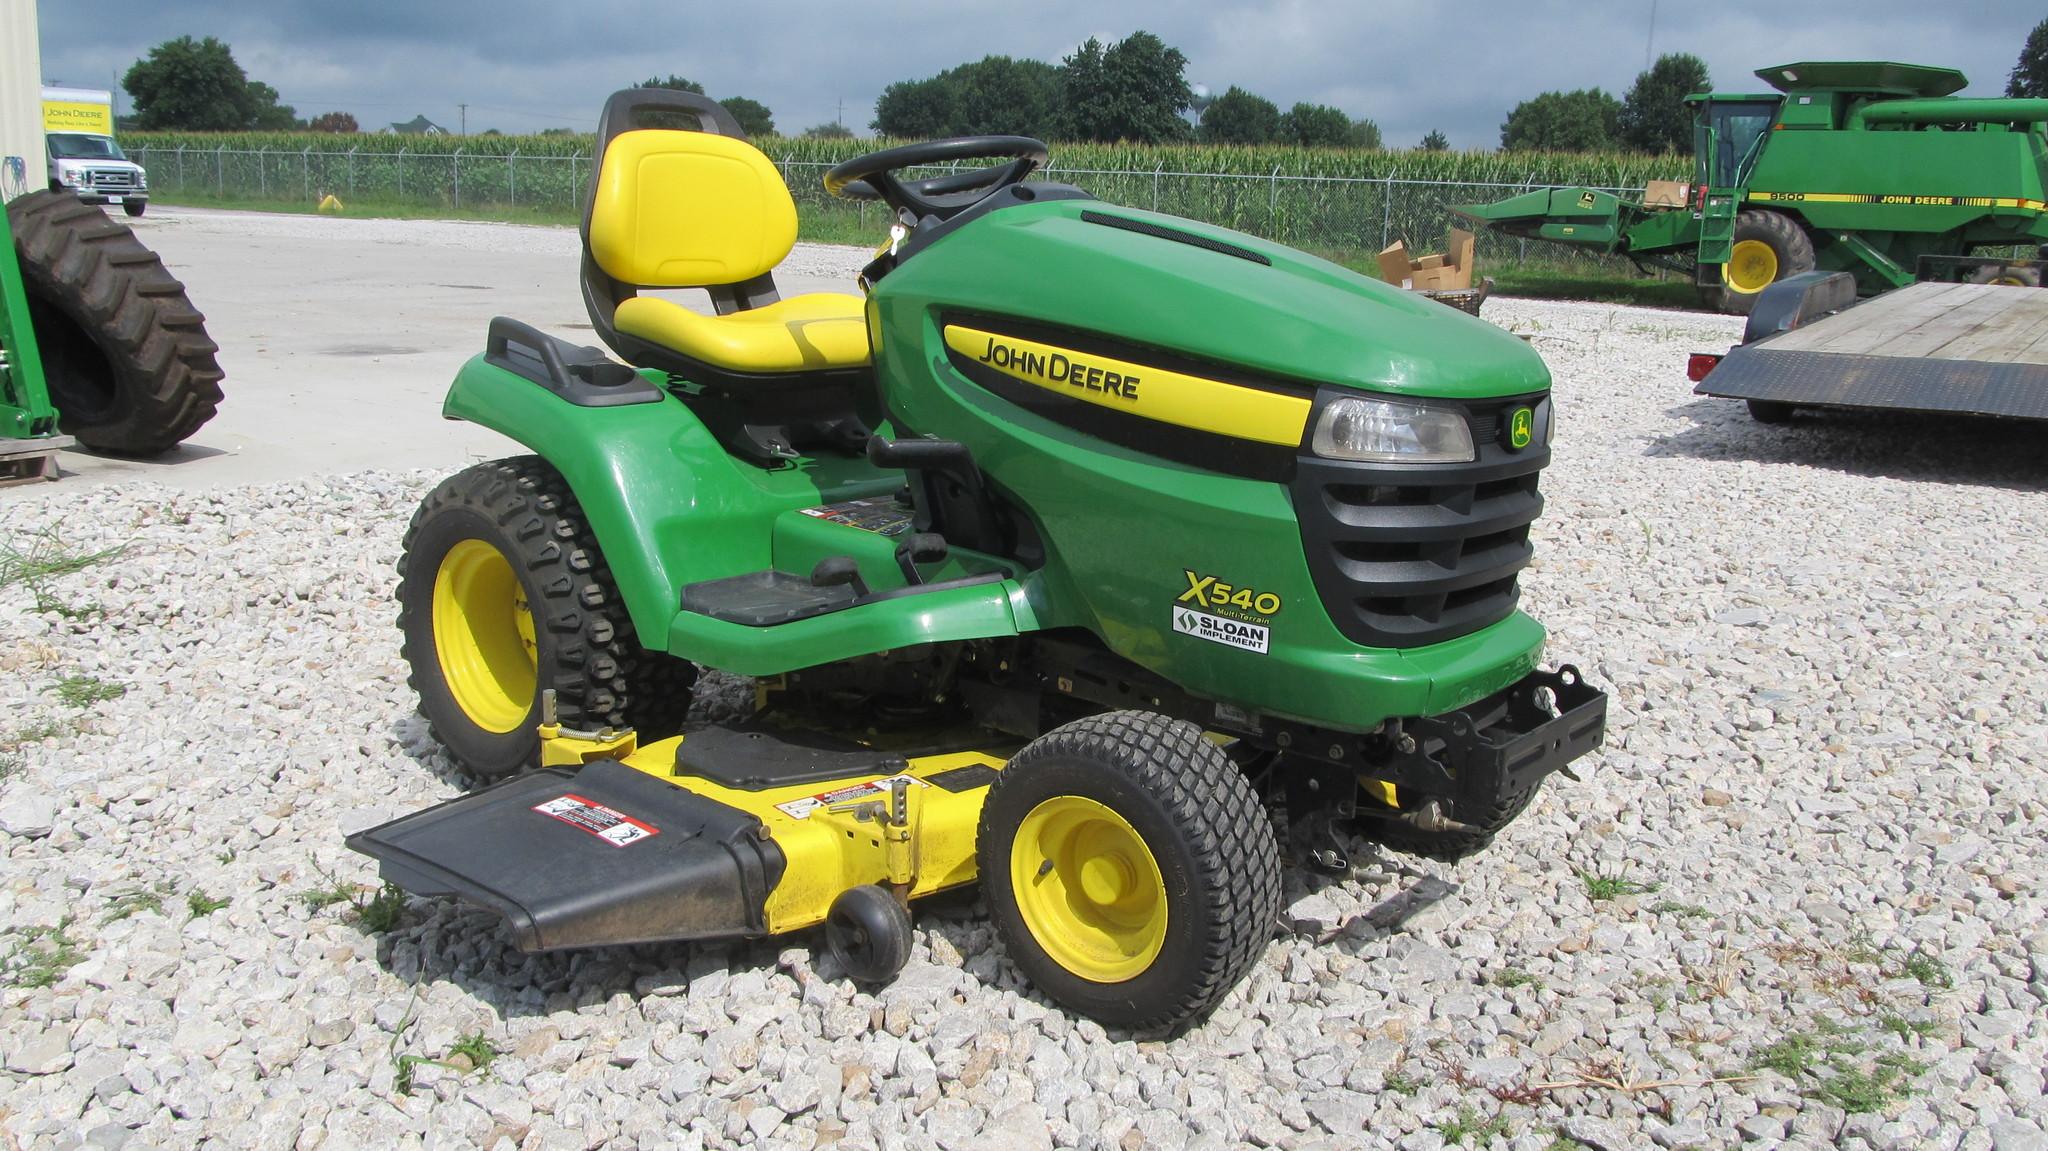 John Deere X540 Lawn Garden Tractors For Sale 49371